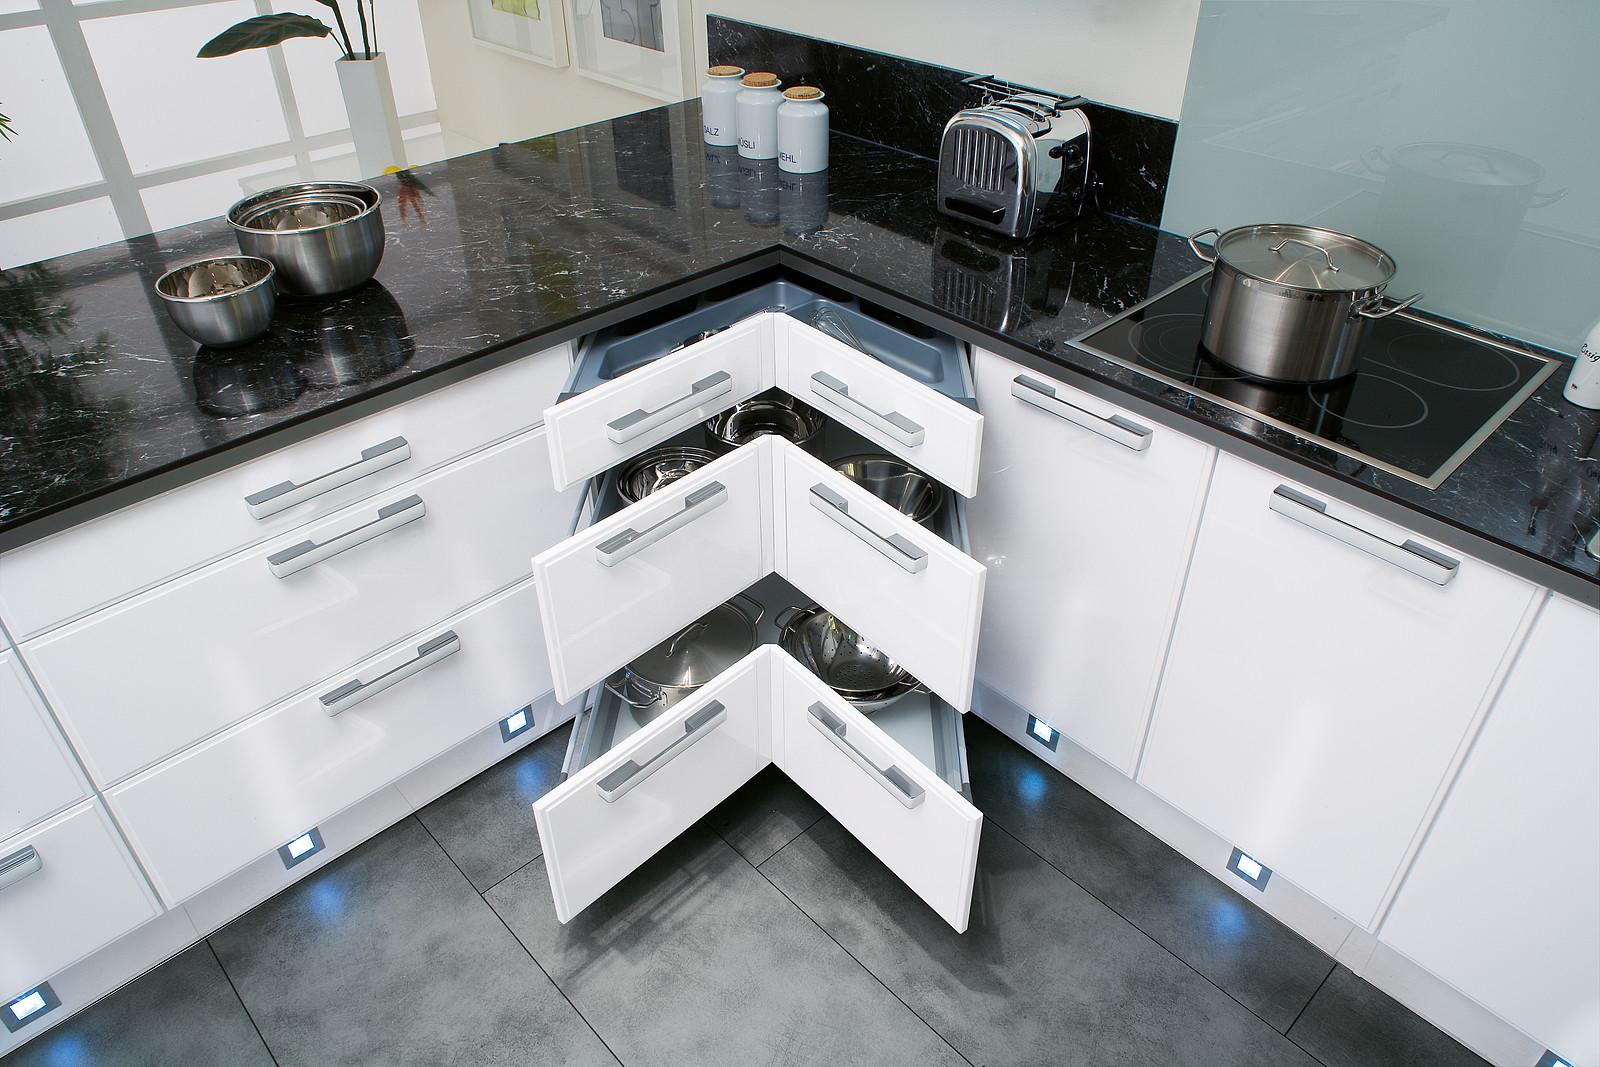 Full Size of Eckunterschrank Küche Nolte Eckunterschrank Küche Selber Bauen Eckunterschrank Küche Alno Eckunterschrank Küche 70x70 Küche Eckunterschrank Küche